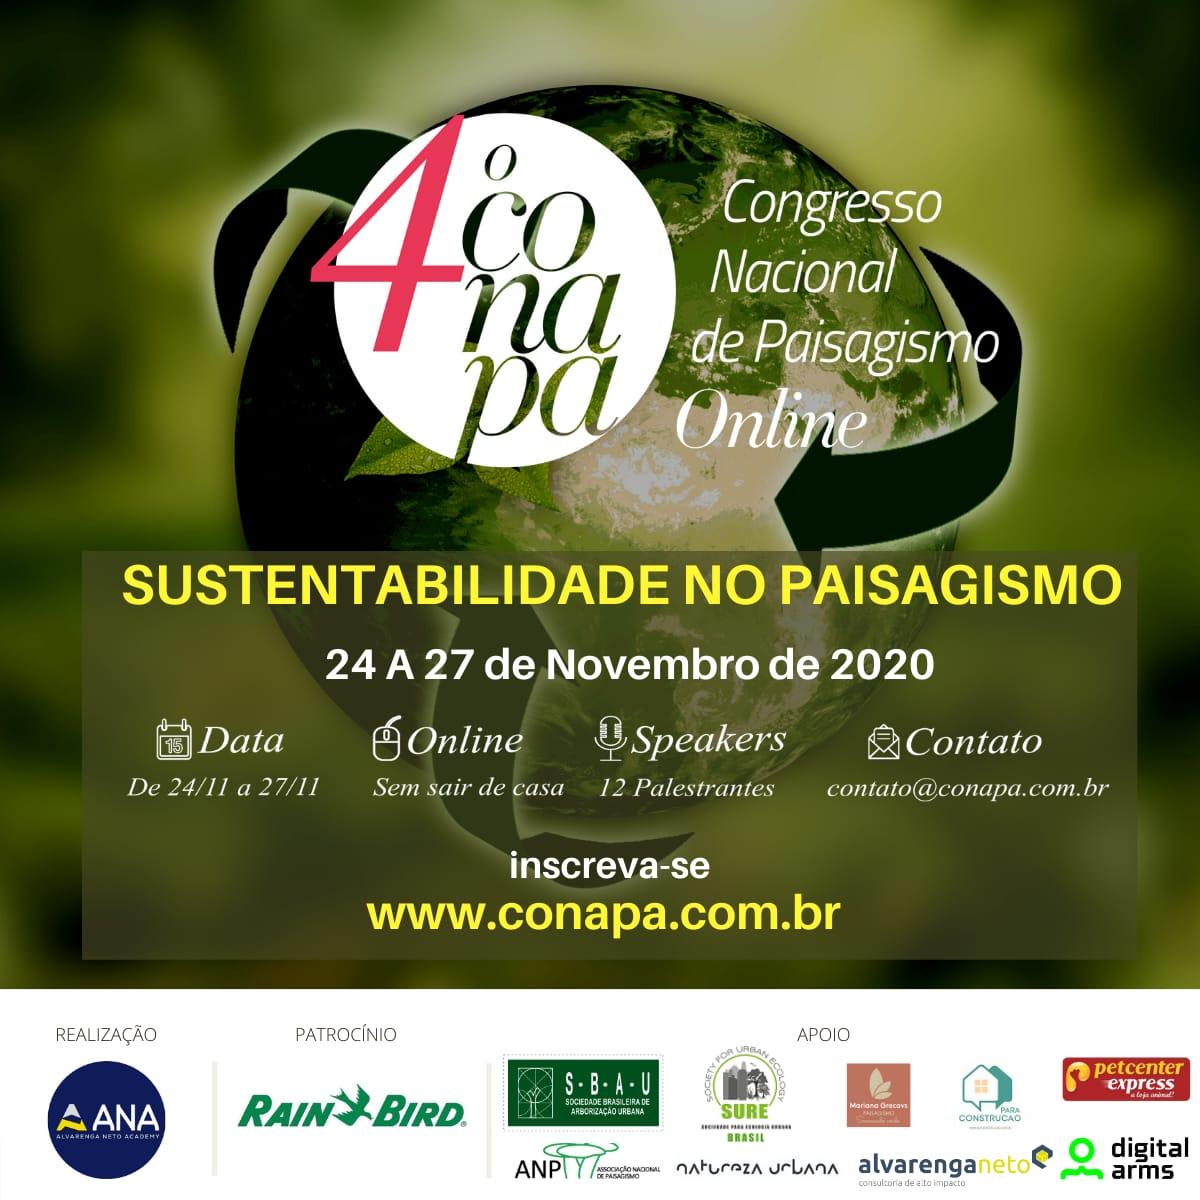 CONAPA 2020 – Abertas as inscrições para a 4ª edição do Congresso Nacional de Paisagismo Online